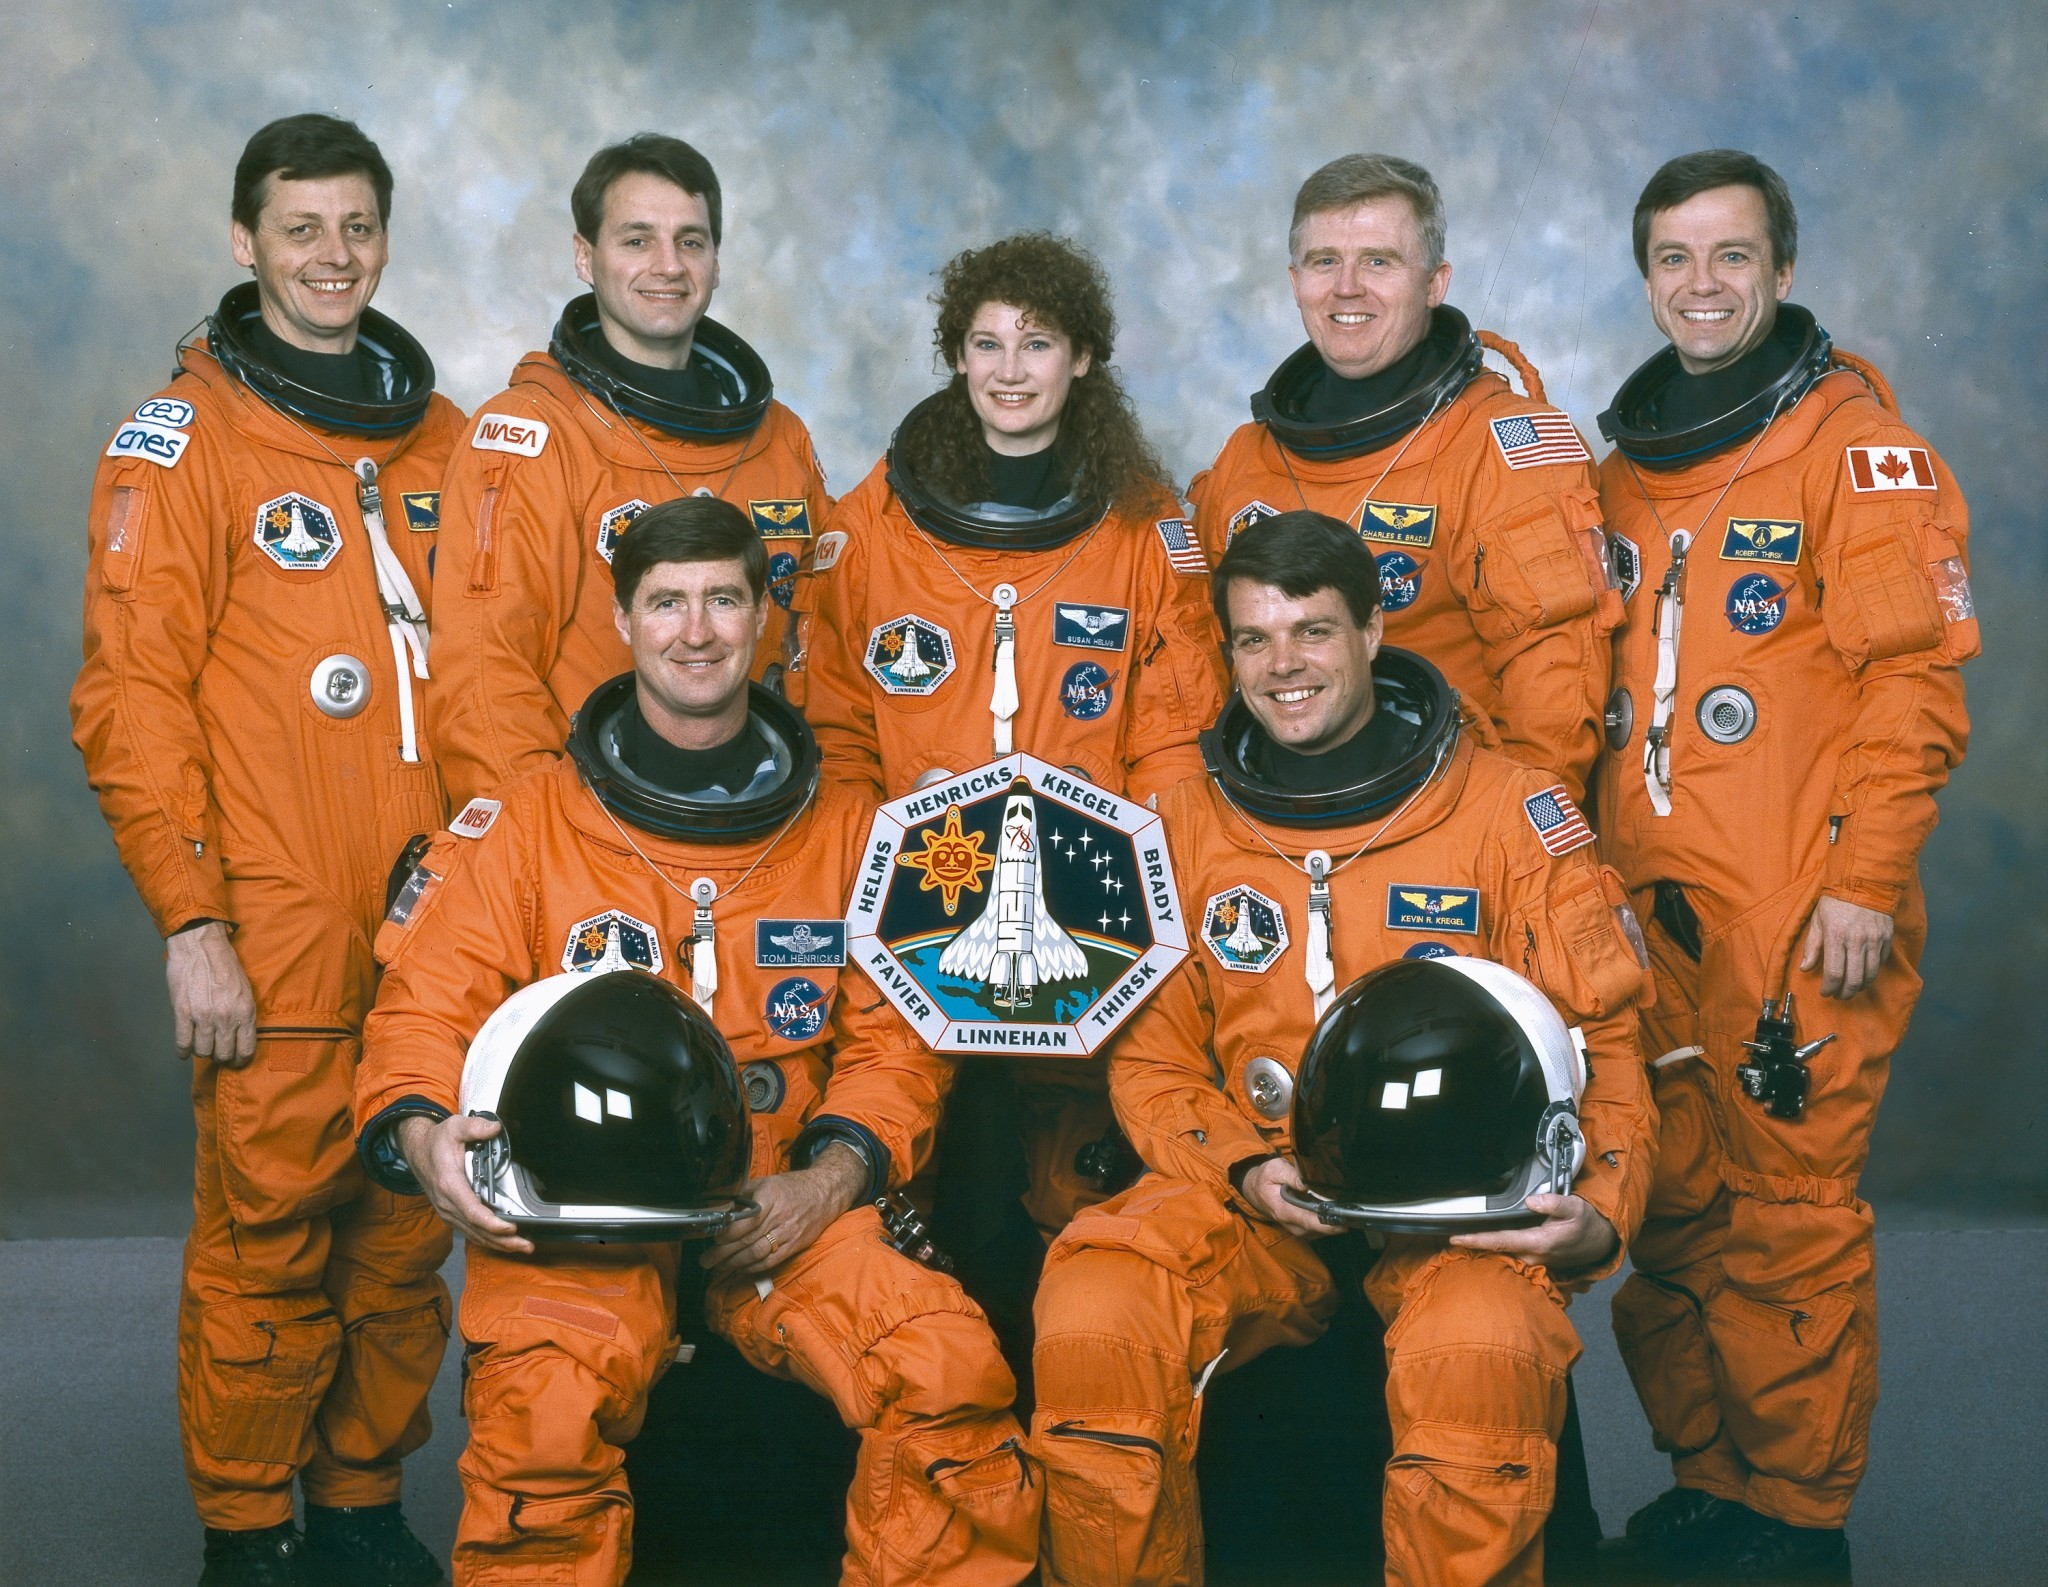 Экипаж космического корабля «Колумбия». В первом ряду слева направо: Терренс Хенрикс и Кевин Крегель. Во втором ряду слева направо: Жан-Жак Фавье, Ричард Линнехан, Сьюзан Хелмс, Чарлз Брейди и Роберт Брент Тёрск.